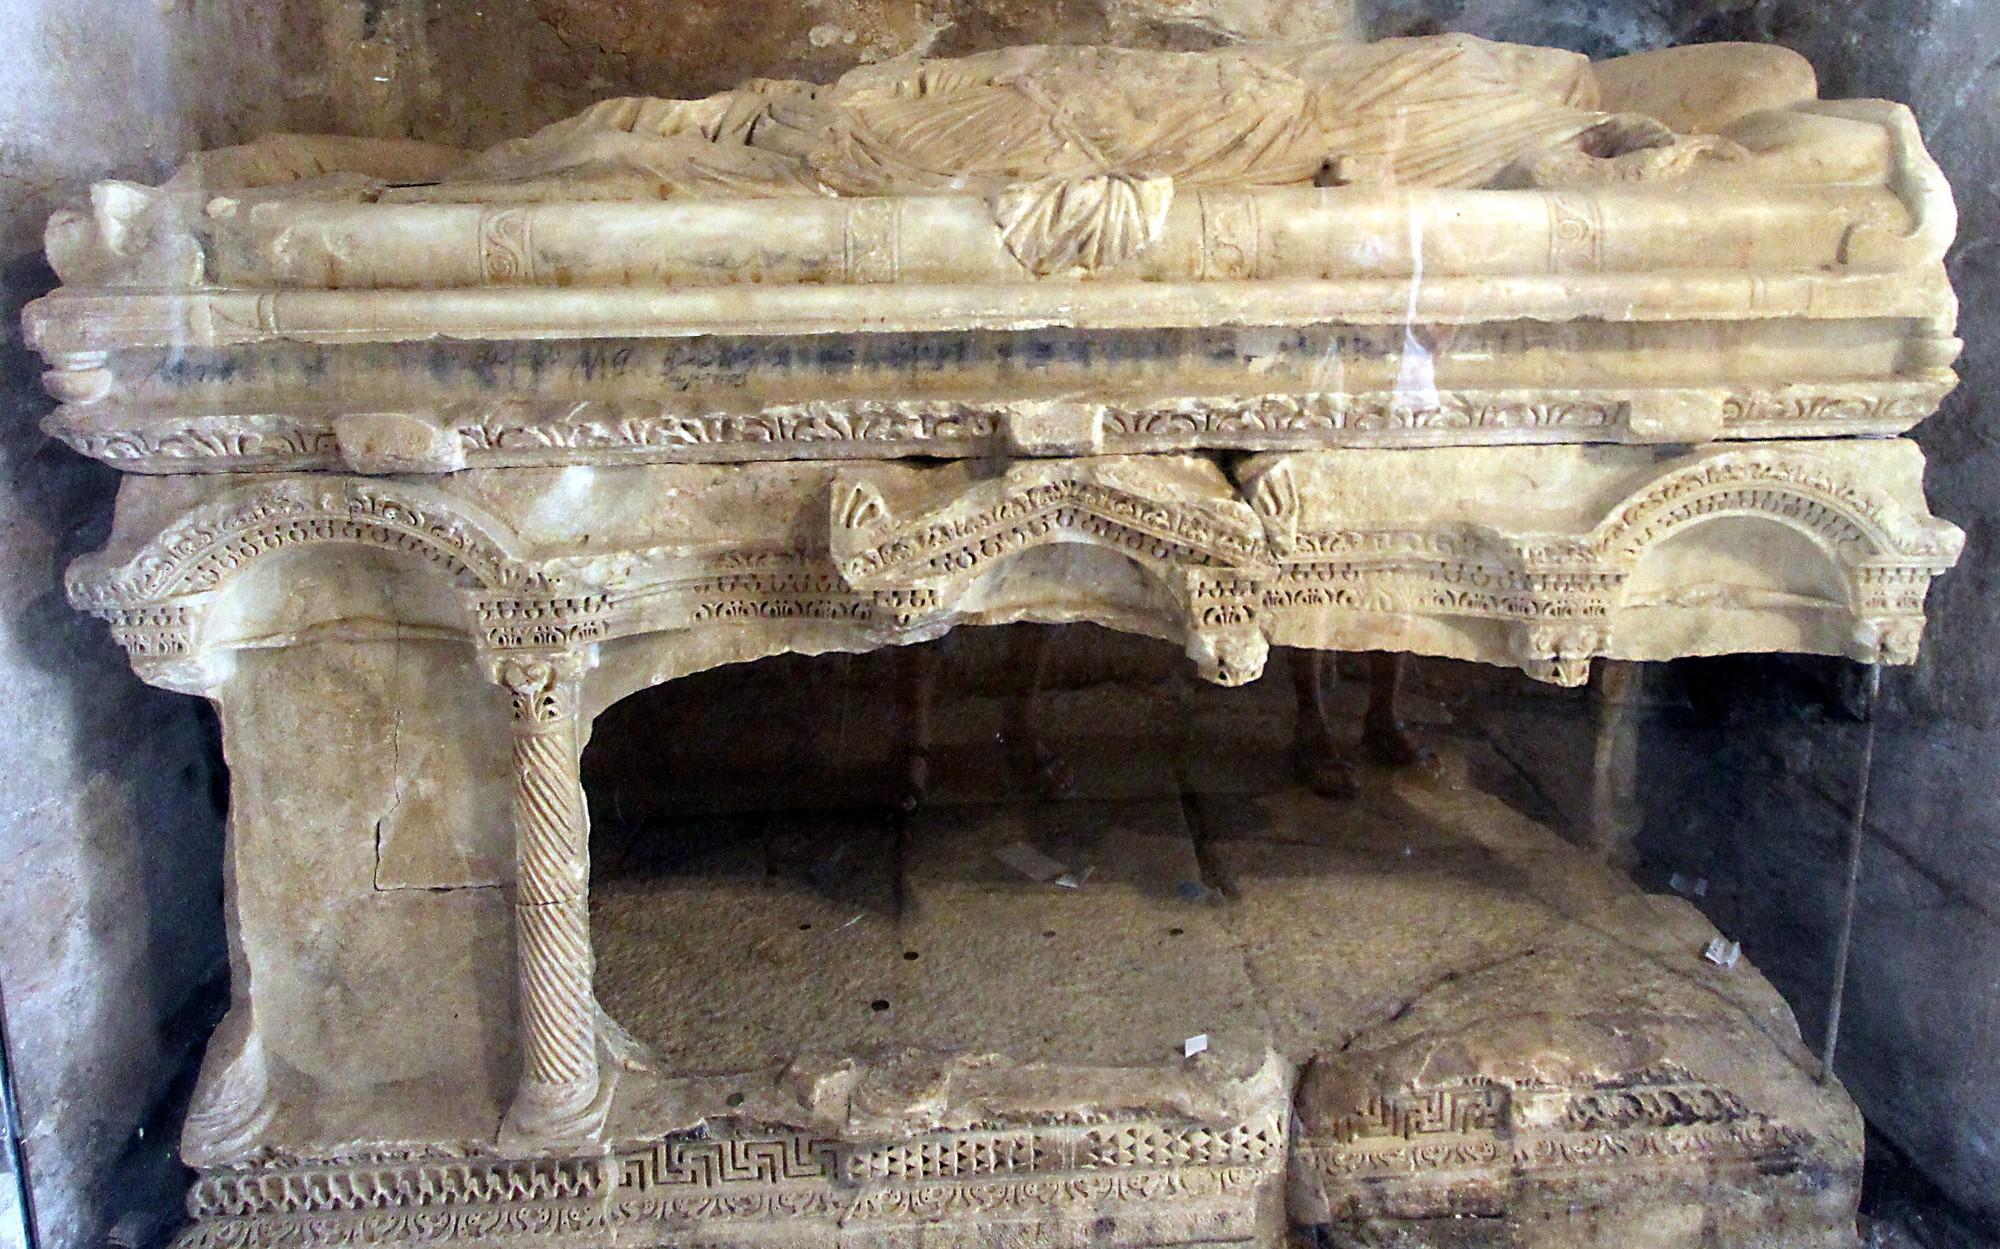 Mới tìm thấy mẩu xương được cho là của Ông già Noel - Ảnh 3.